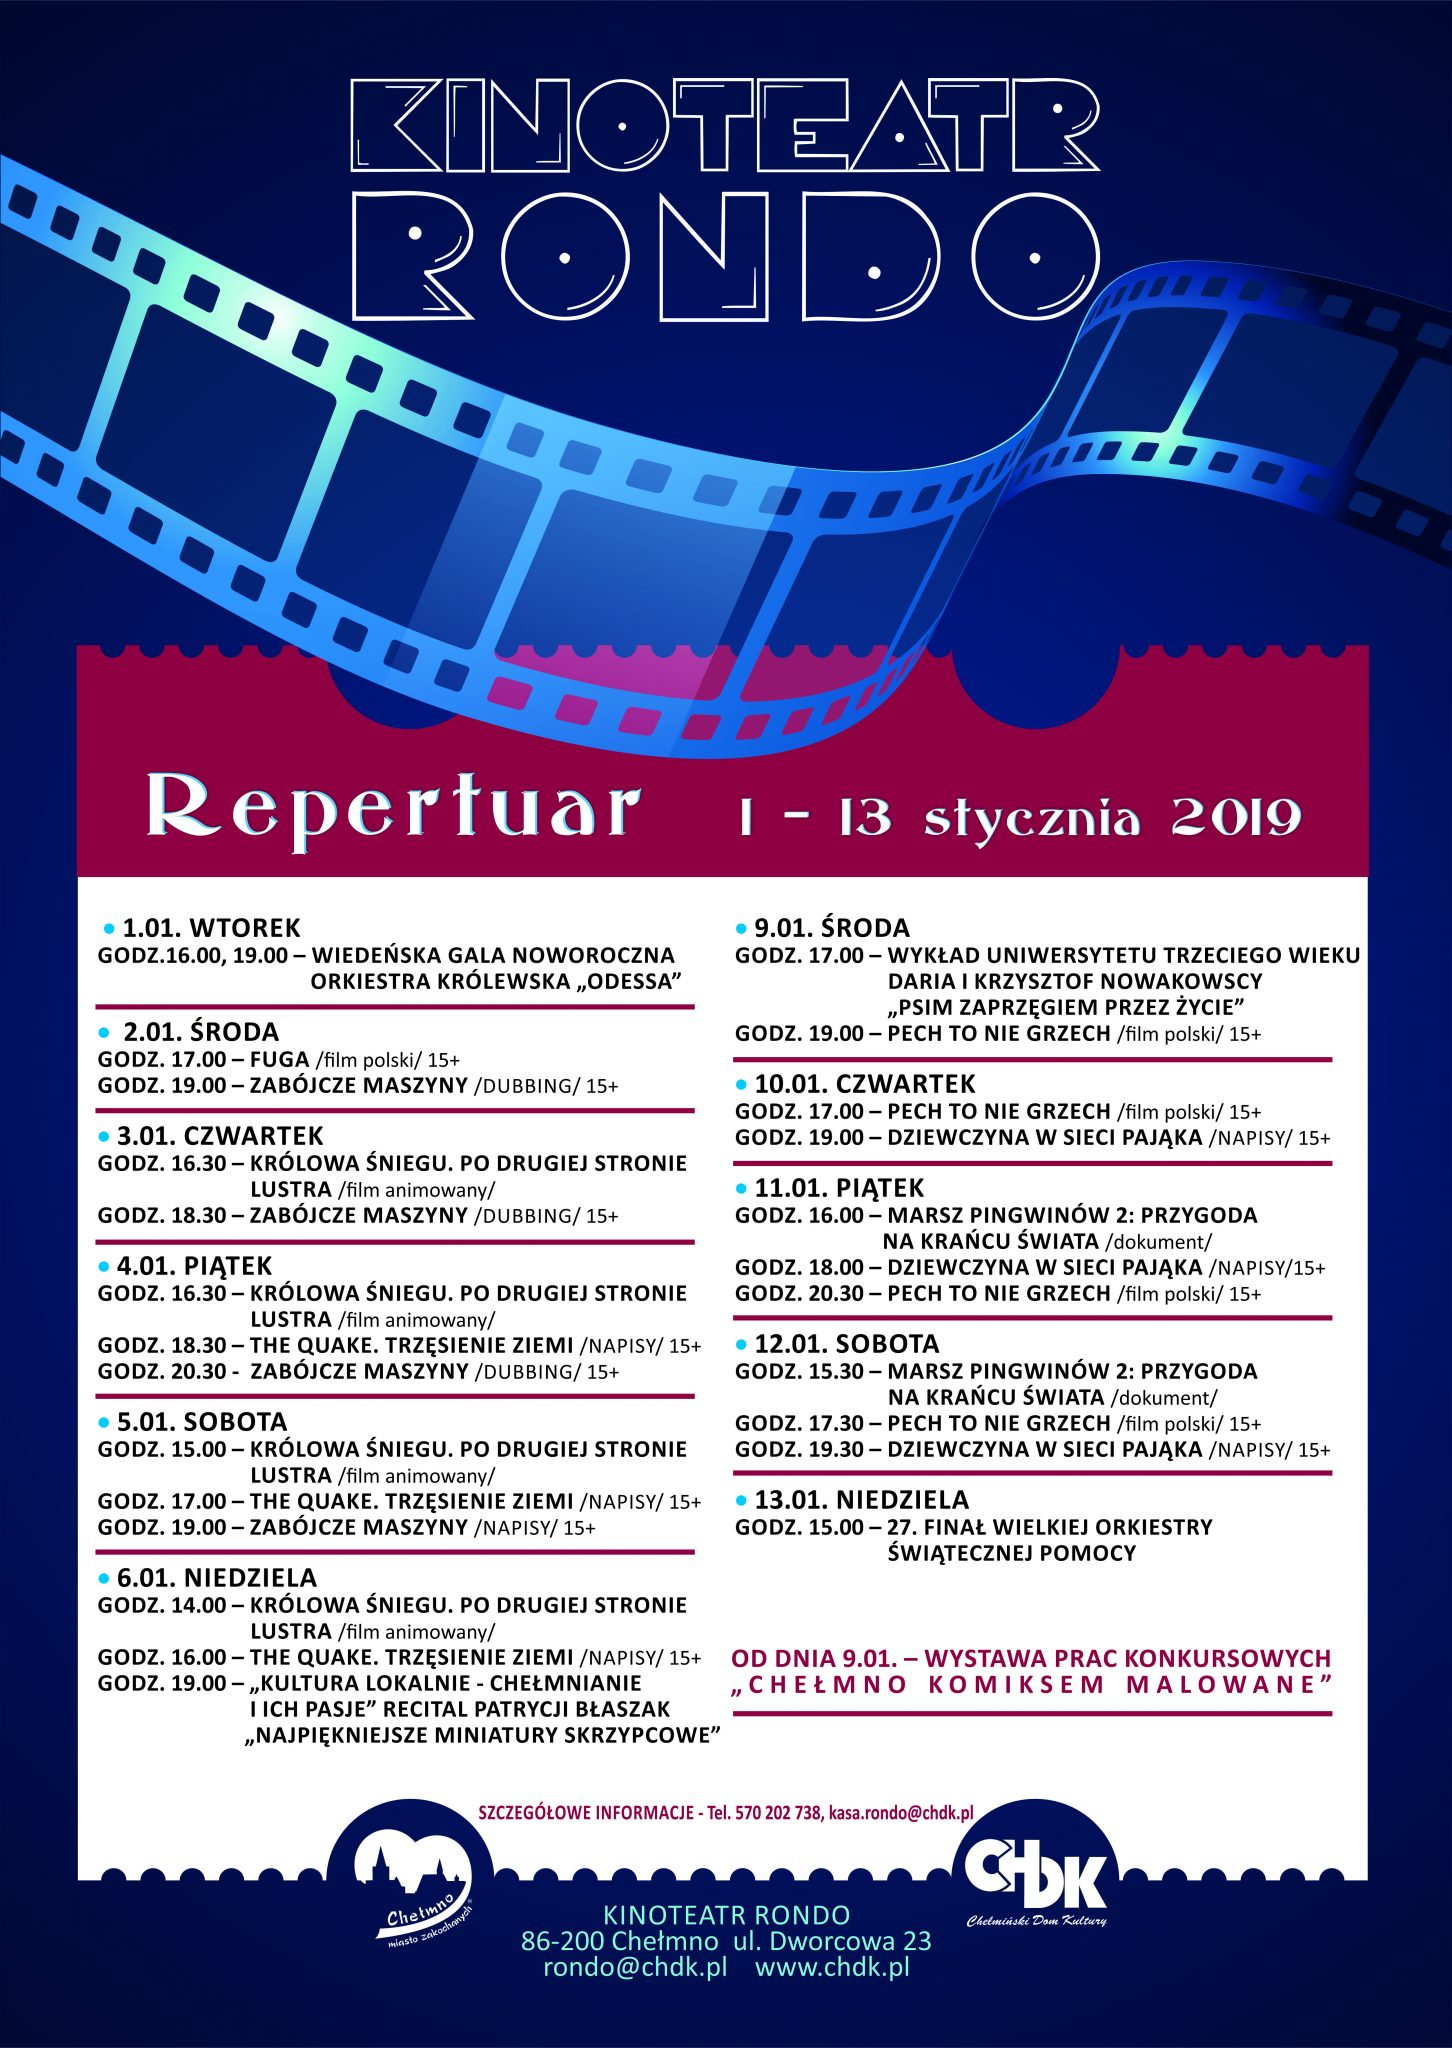 Wydarzenia i repertuar Kinoteatru RONDO, 1-13 stycznia 2019 r.